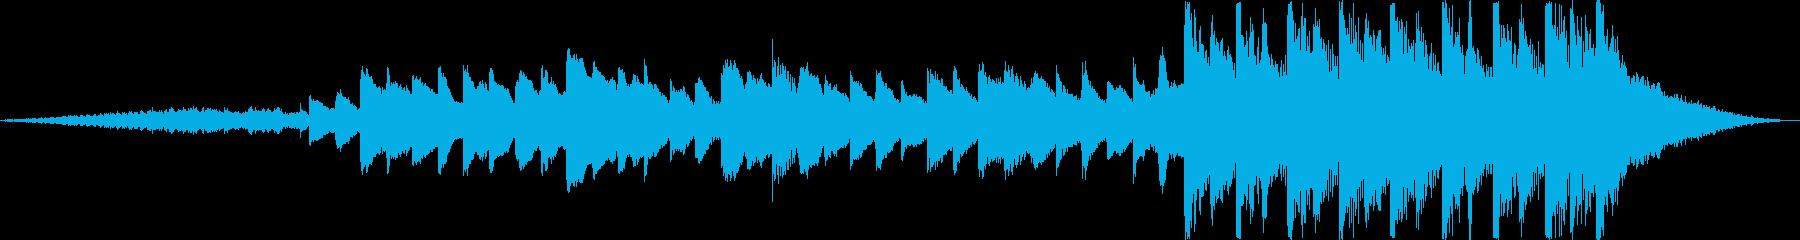 15秒CM爽やかな雰囲気鉄琴ピアノの再生済みの波形